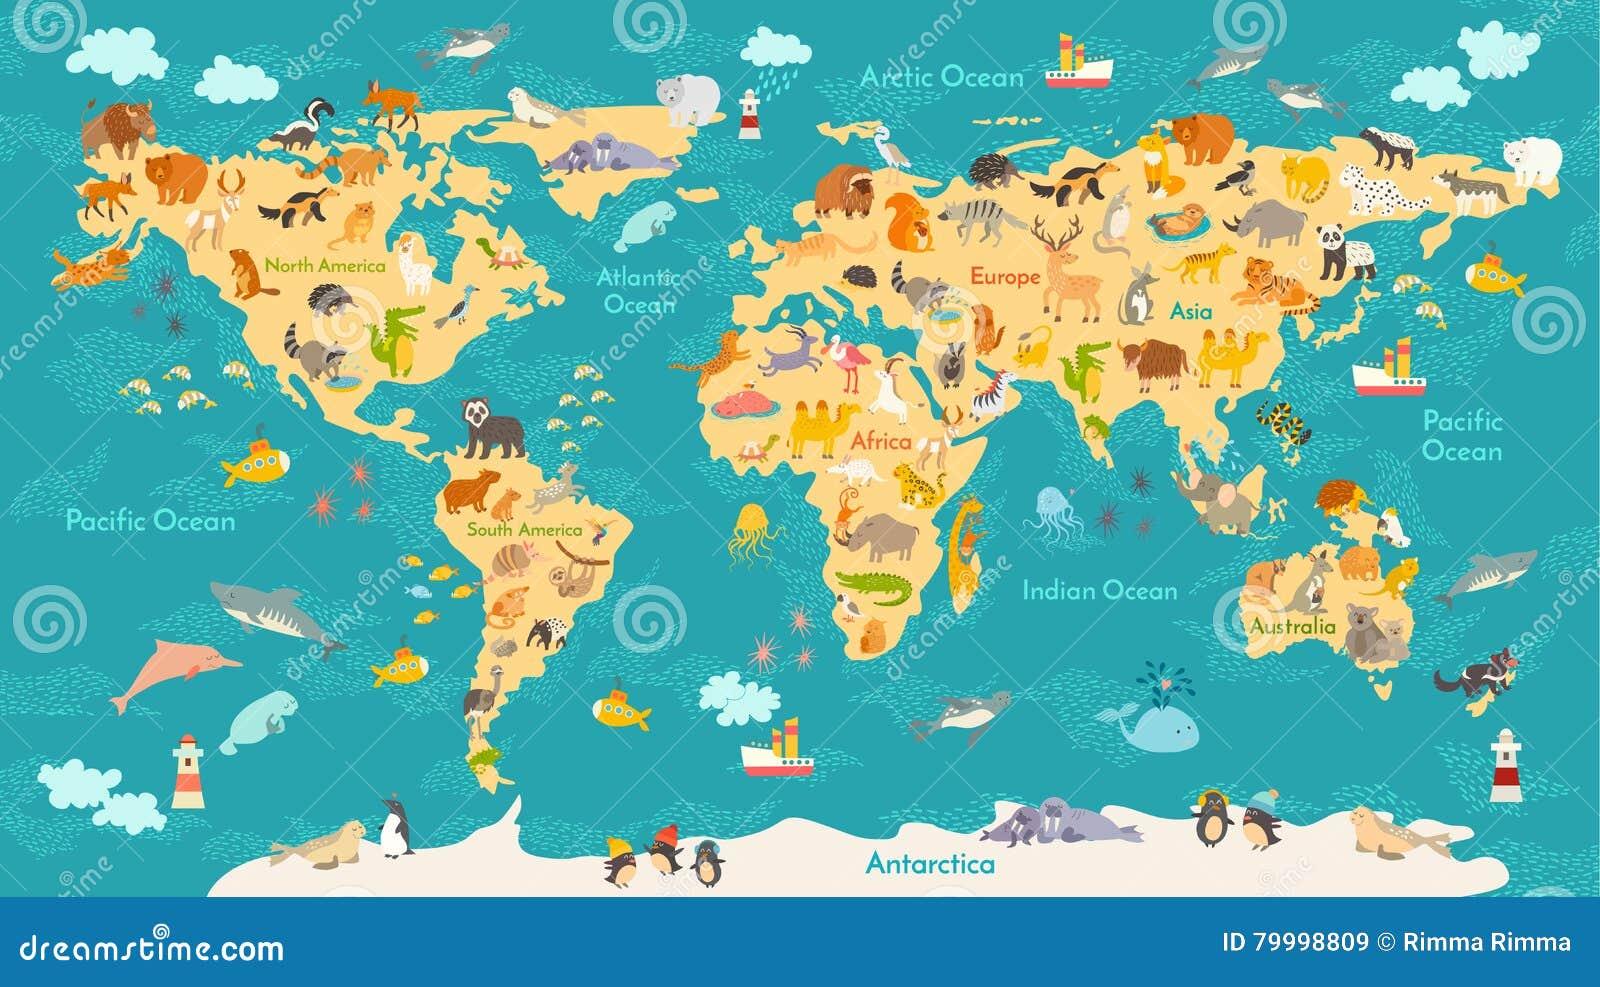 Mapa Animal Para A Crianca Cartaz Do Vetor Do Mundo Para Criancas